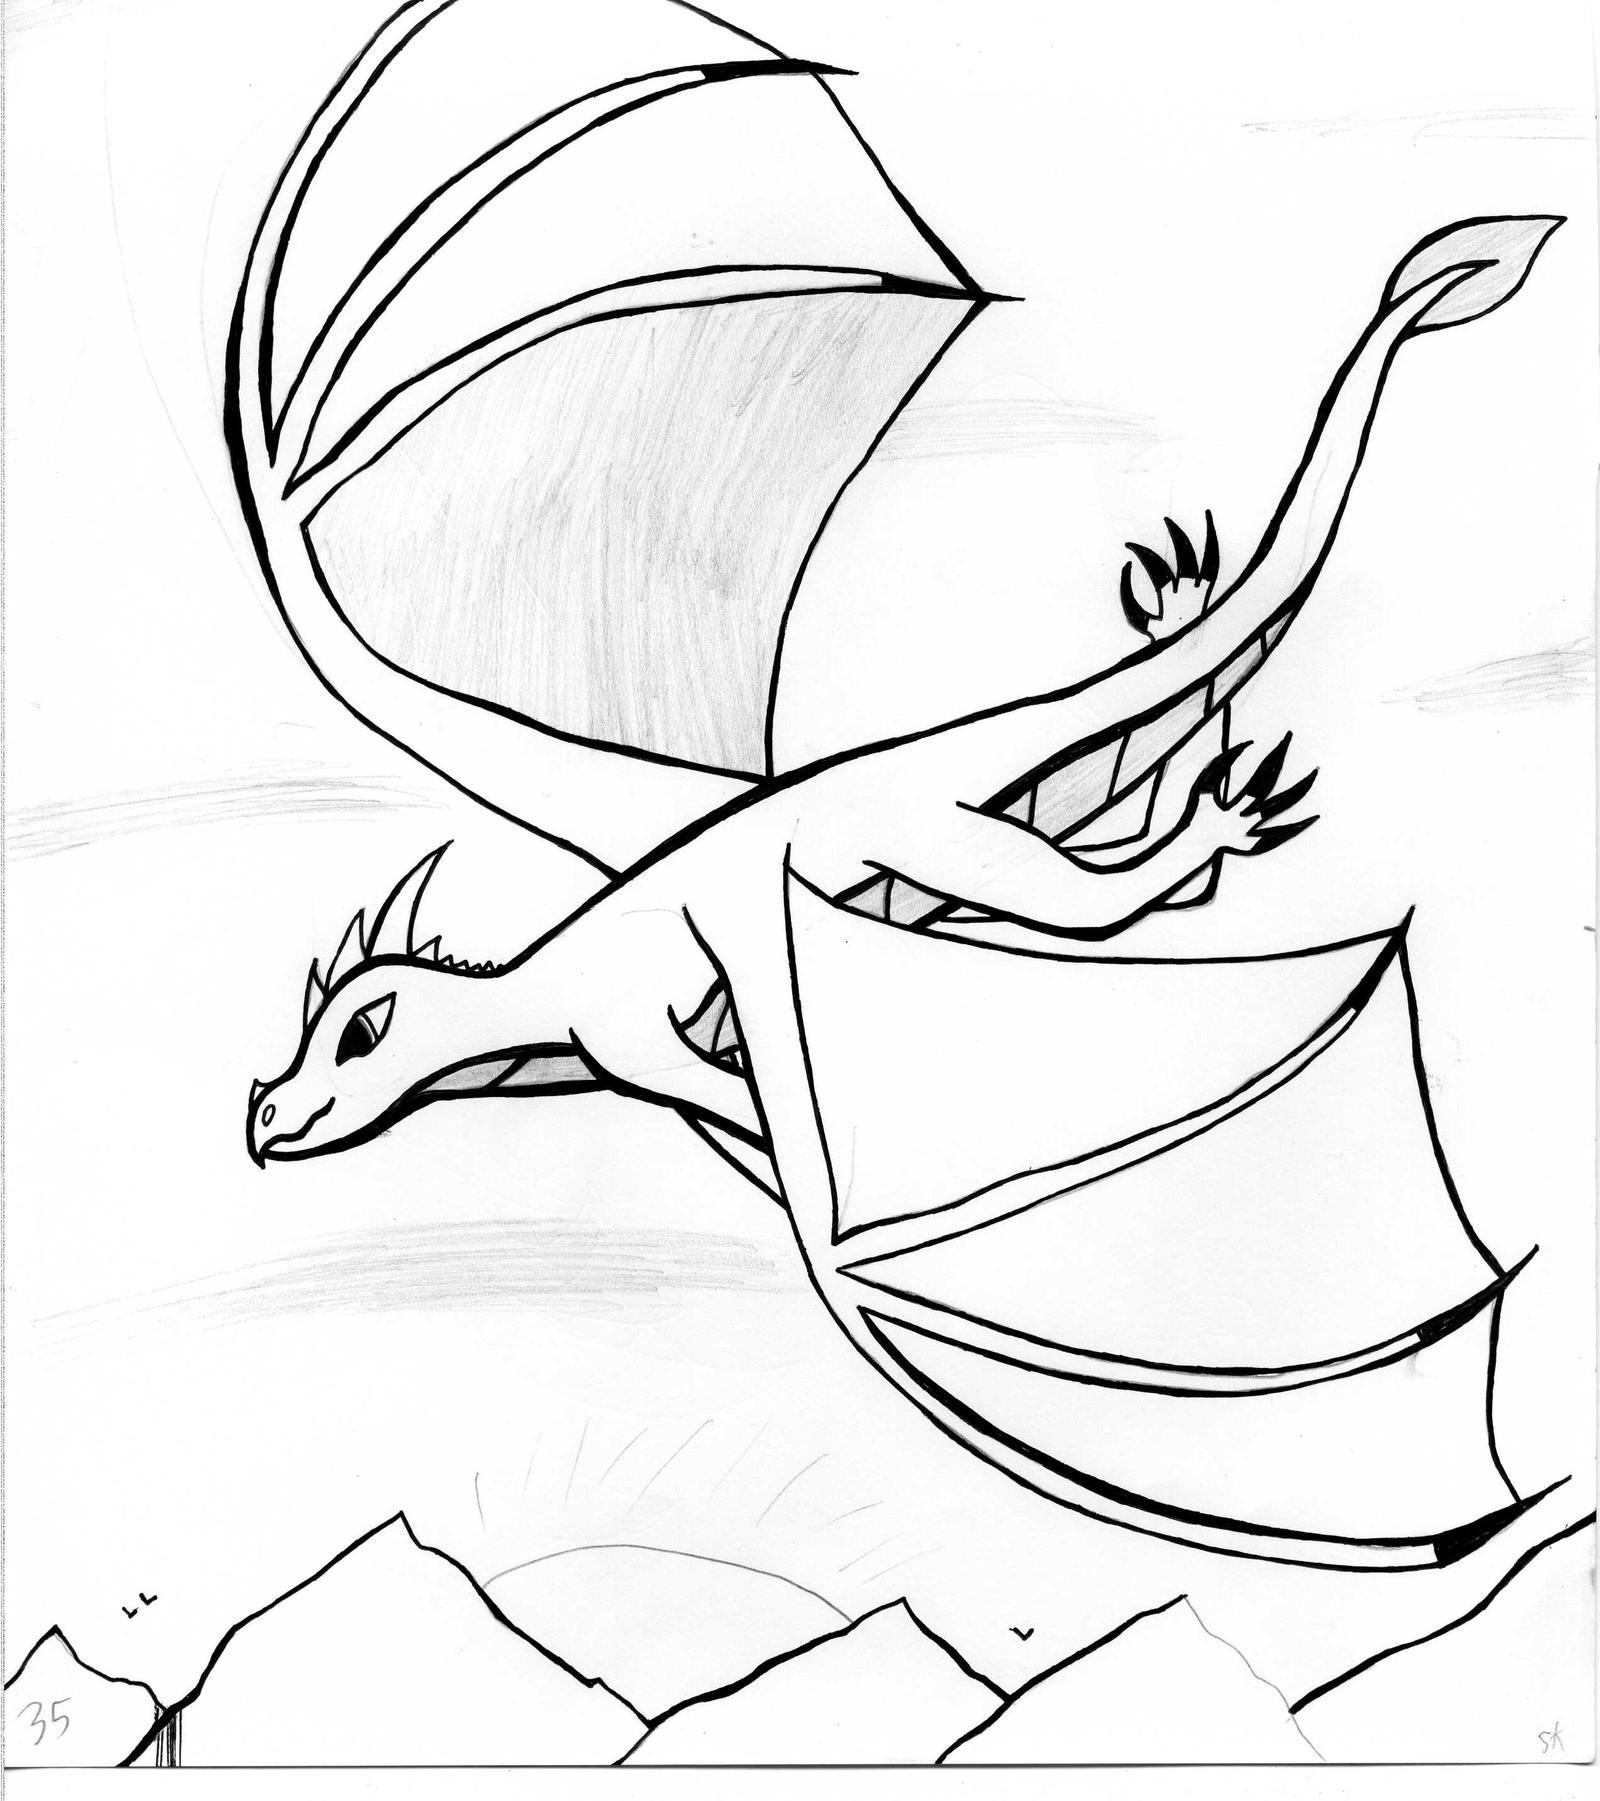 Akara Flying by GwillaTheDragon